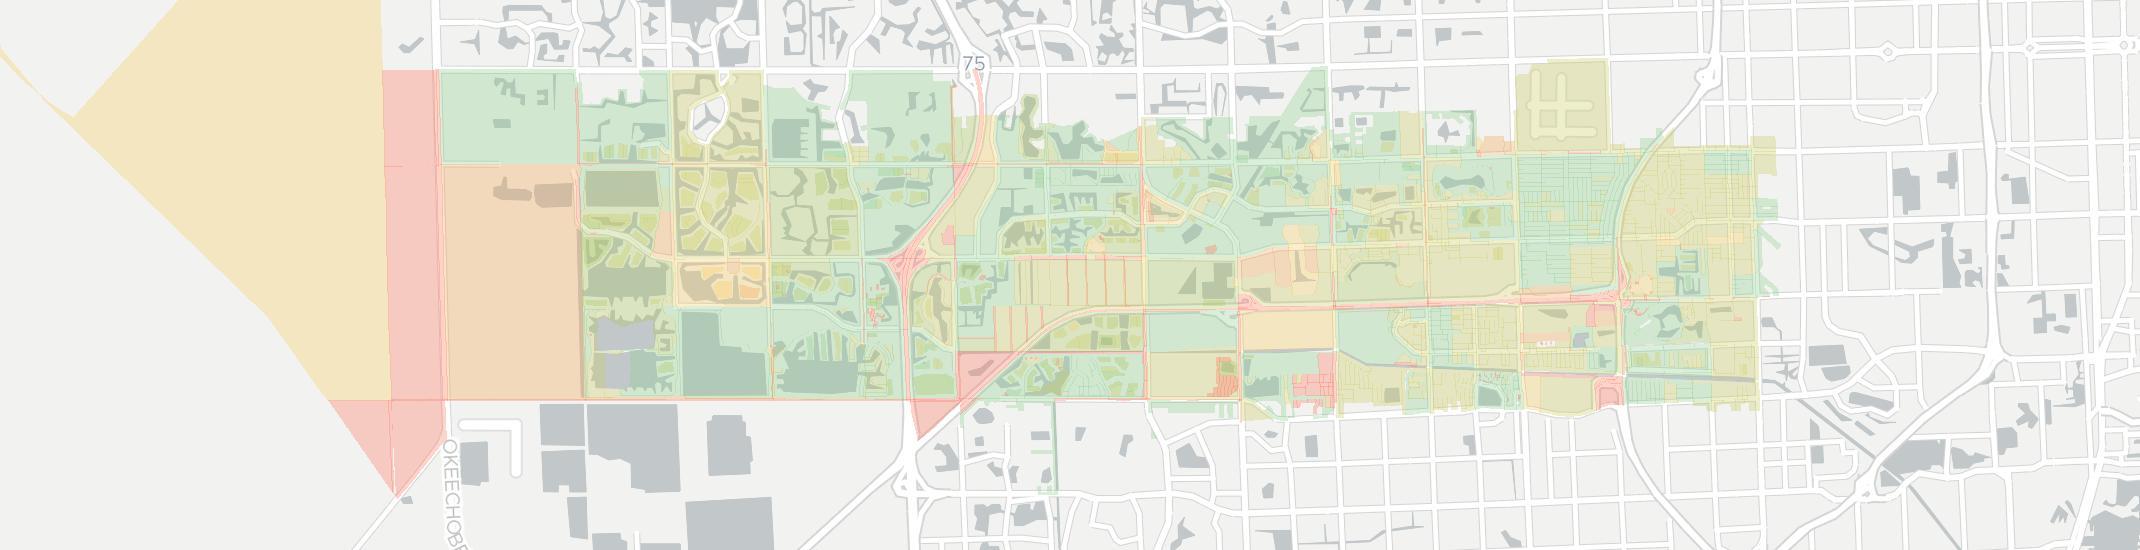 Map Of Miramar Florida.Internet Providers In Miramar Fl Compare 17 Providers